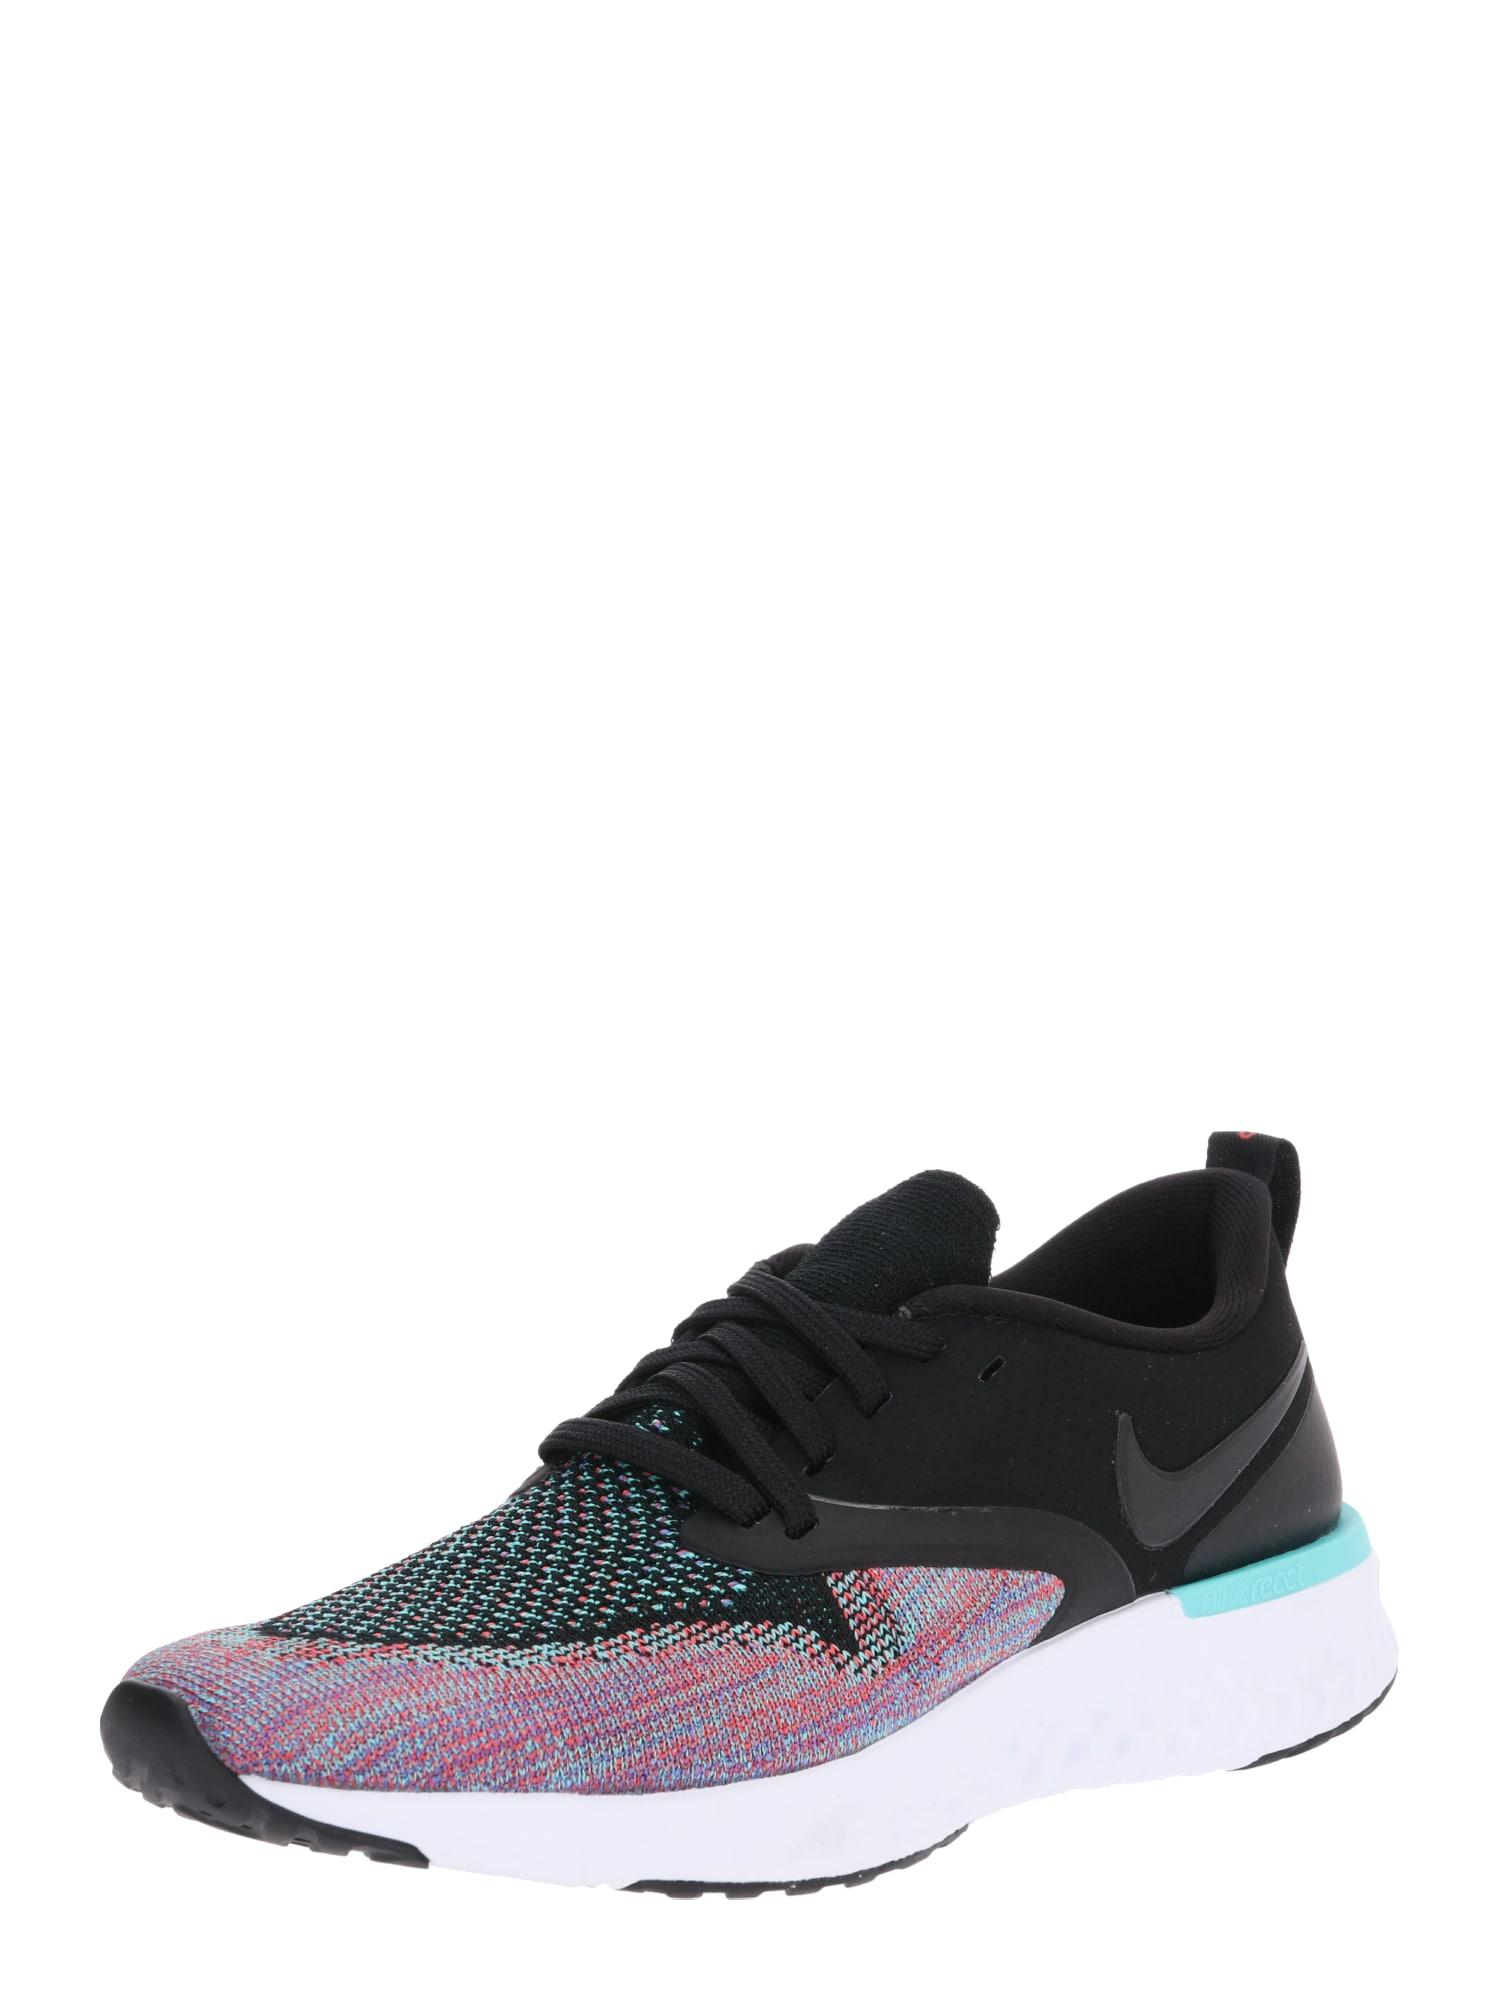 Běžecká obuv Odyssey React Flyknit 2 aqua modrá fialová černá NIKE